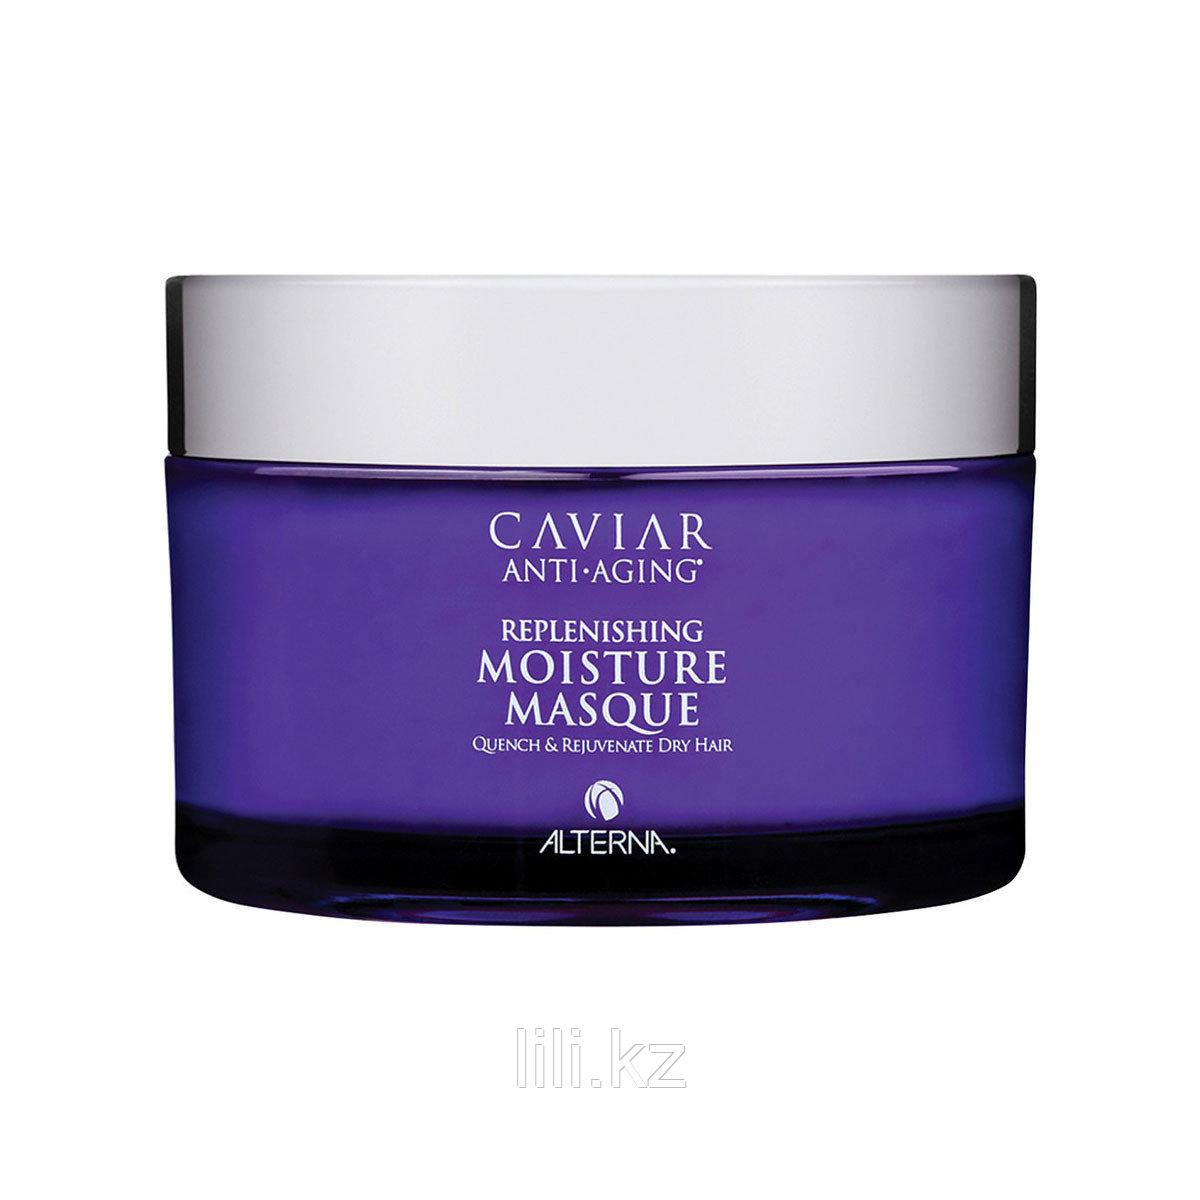 Маска-биоревитализация для увлажнения с энзимным комплексом Caviar Anti-Aging Replenishing Moisture Masque